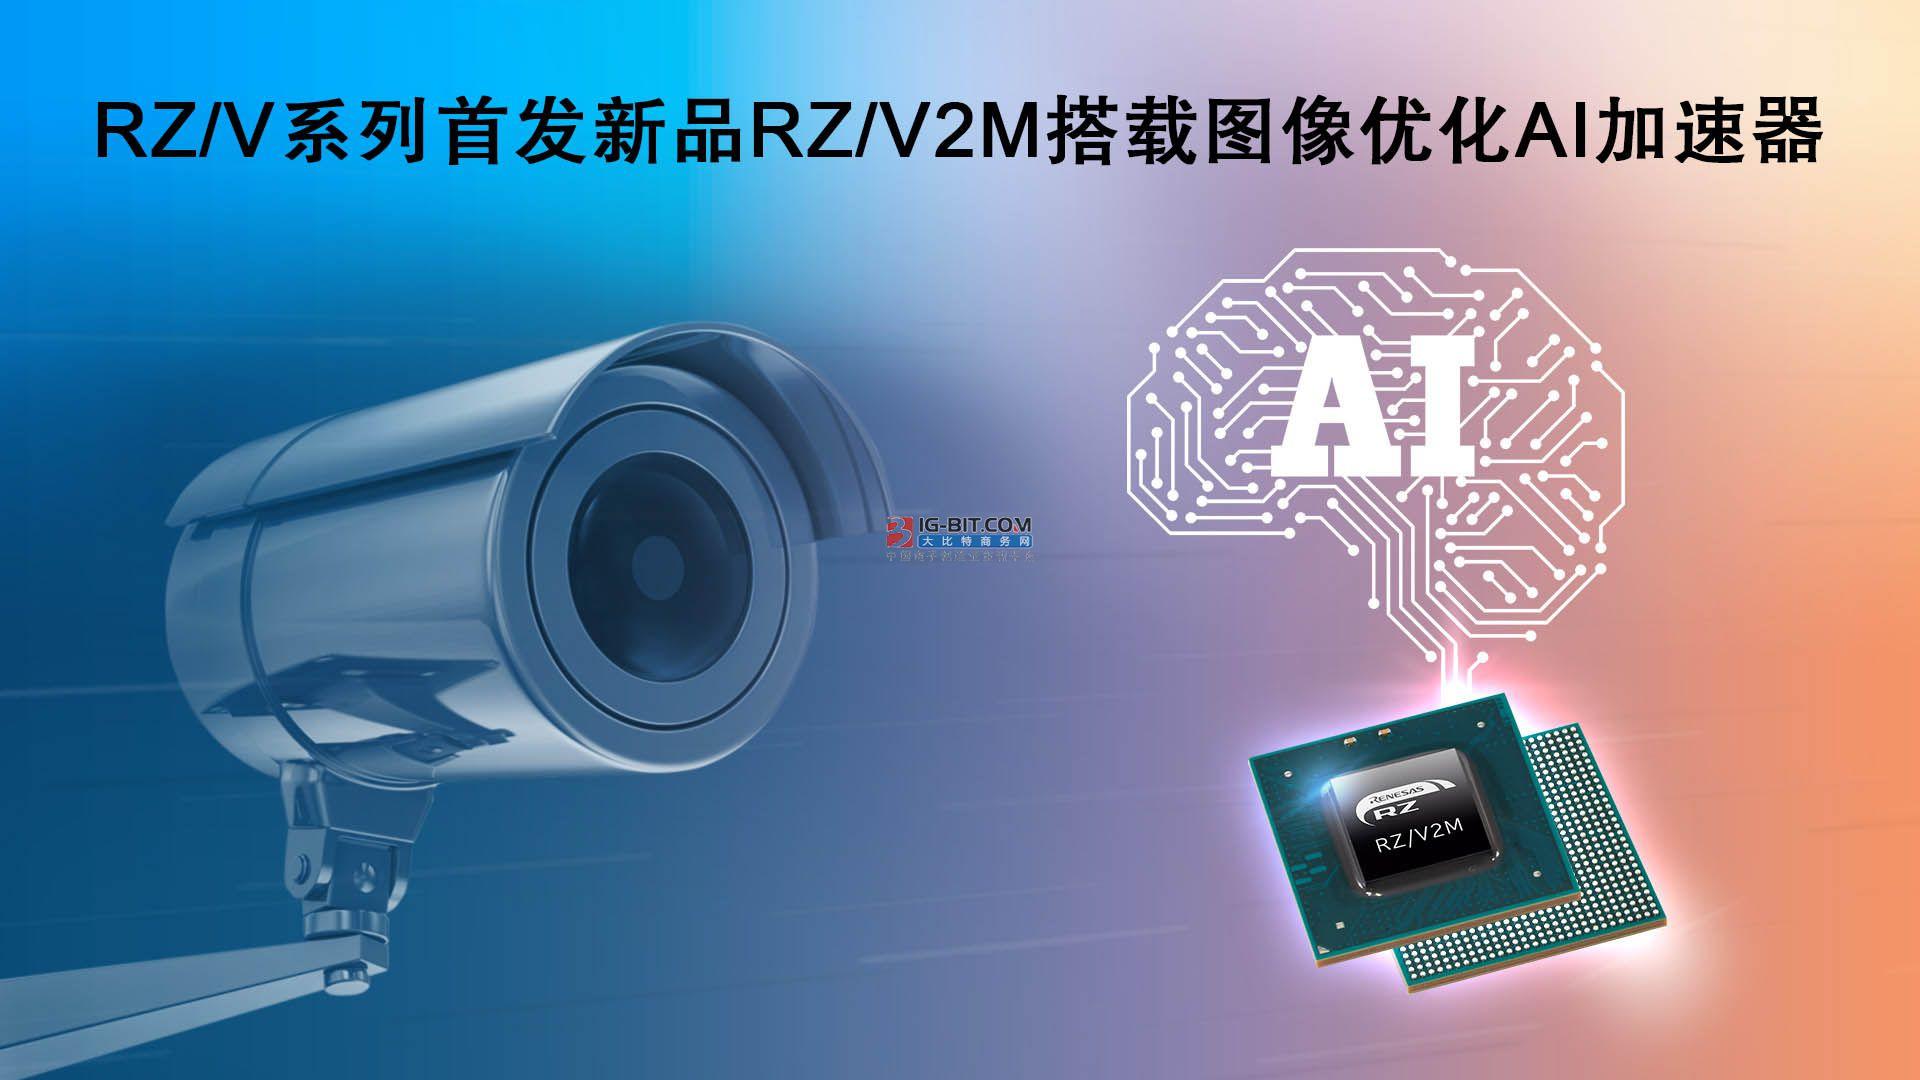 瑞萨电子推出RZ/V系列微处理器  搭载图像处理AI加速器,可实现低功耗和实时AI处理